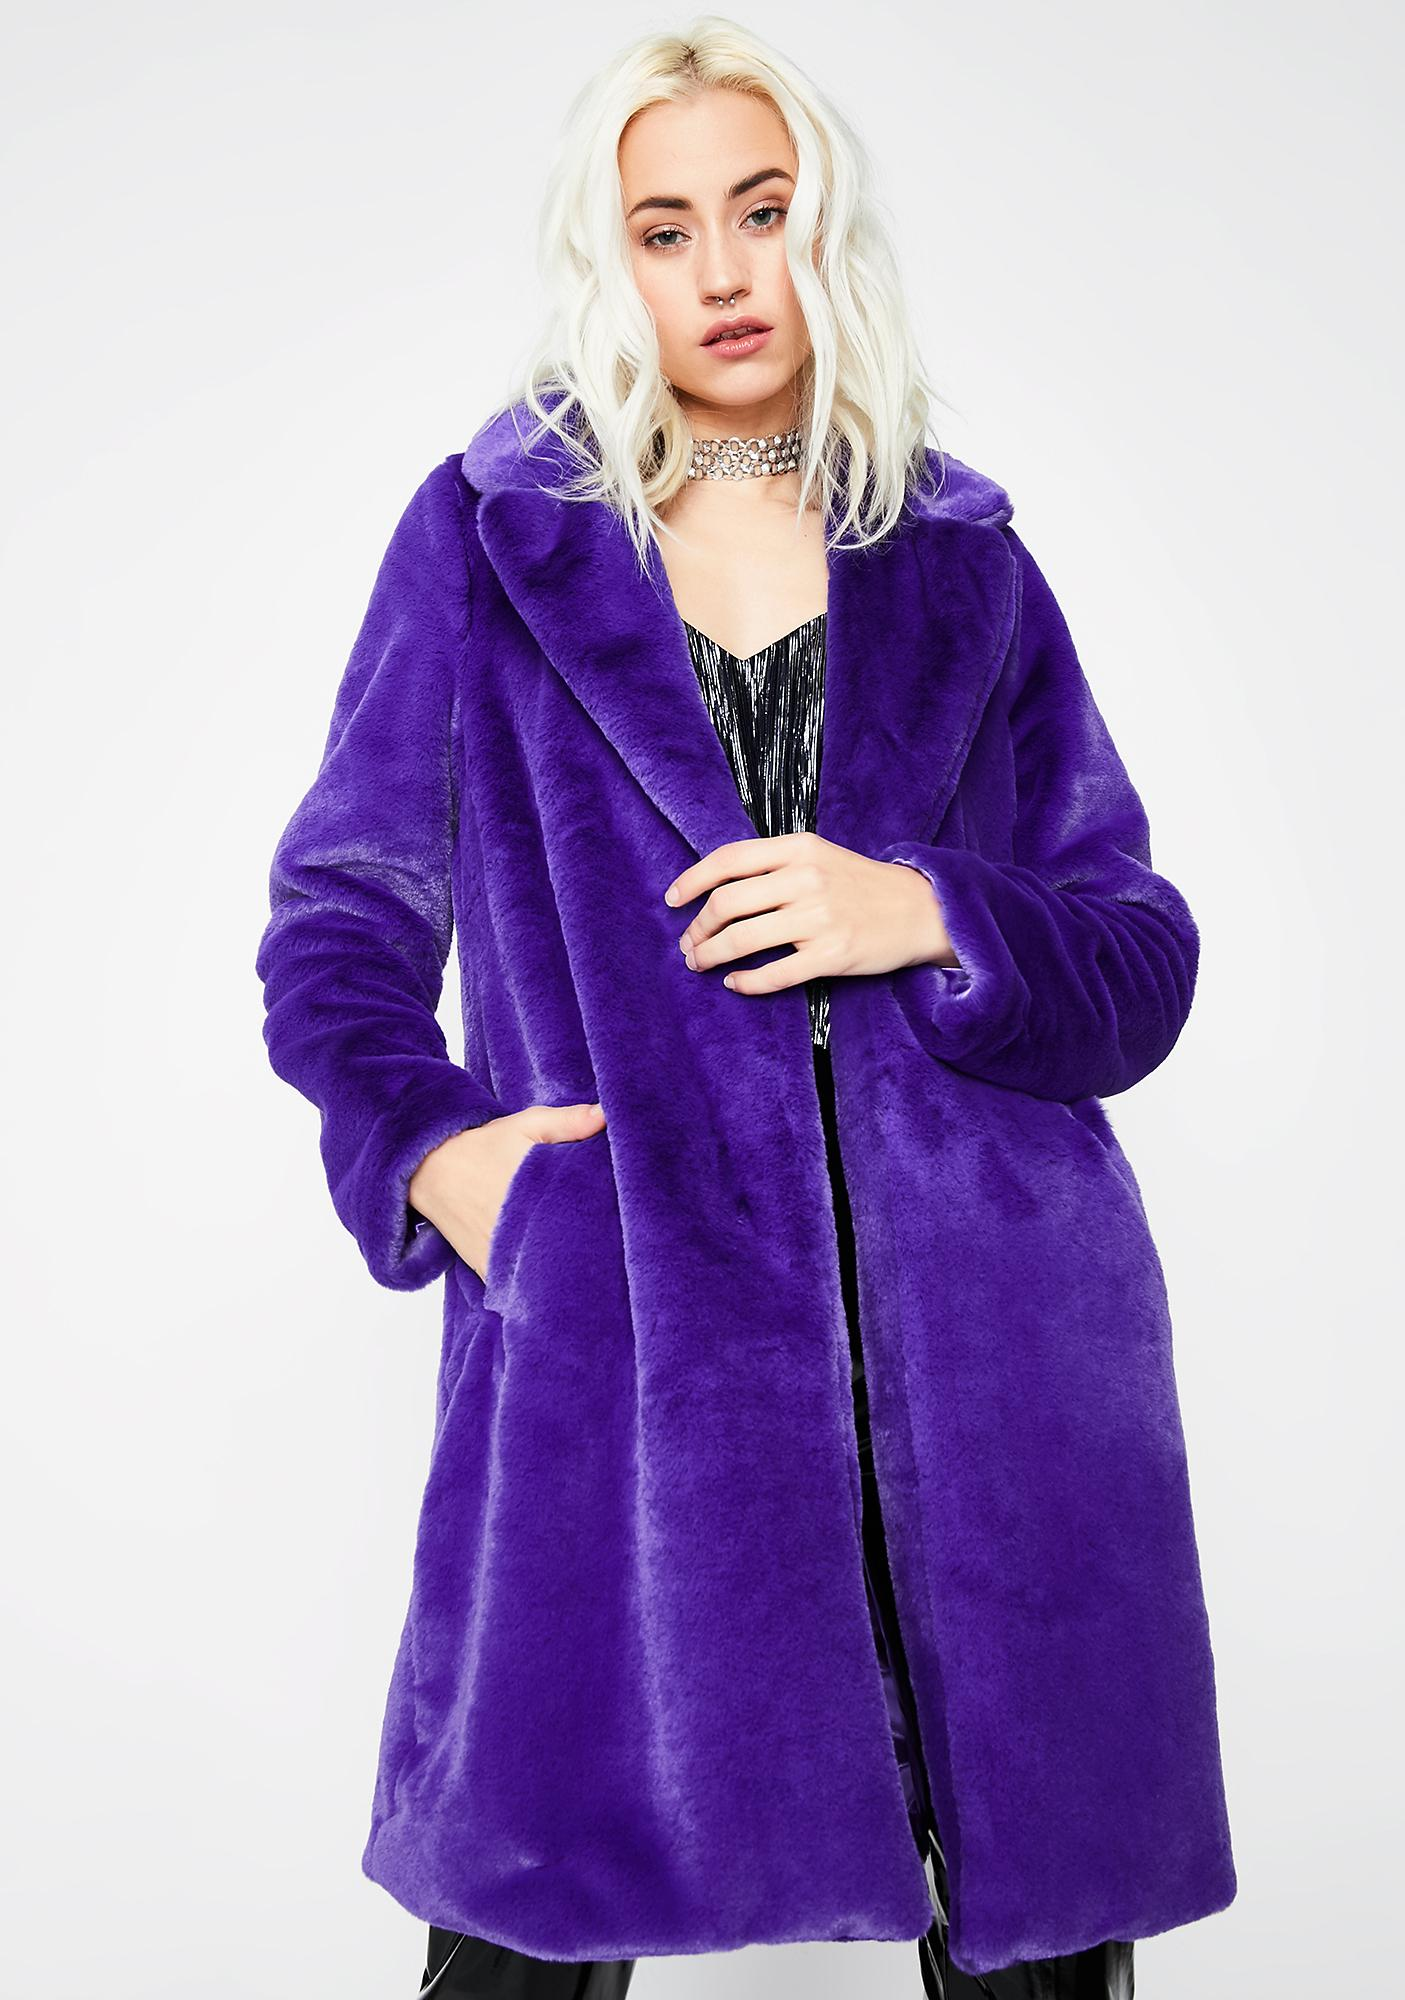 Outta Feelings Furry Jacket